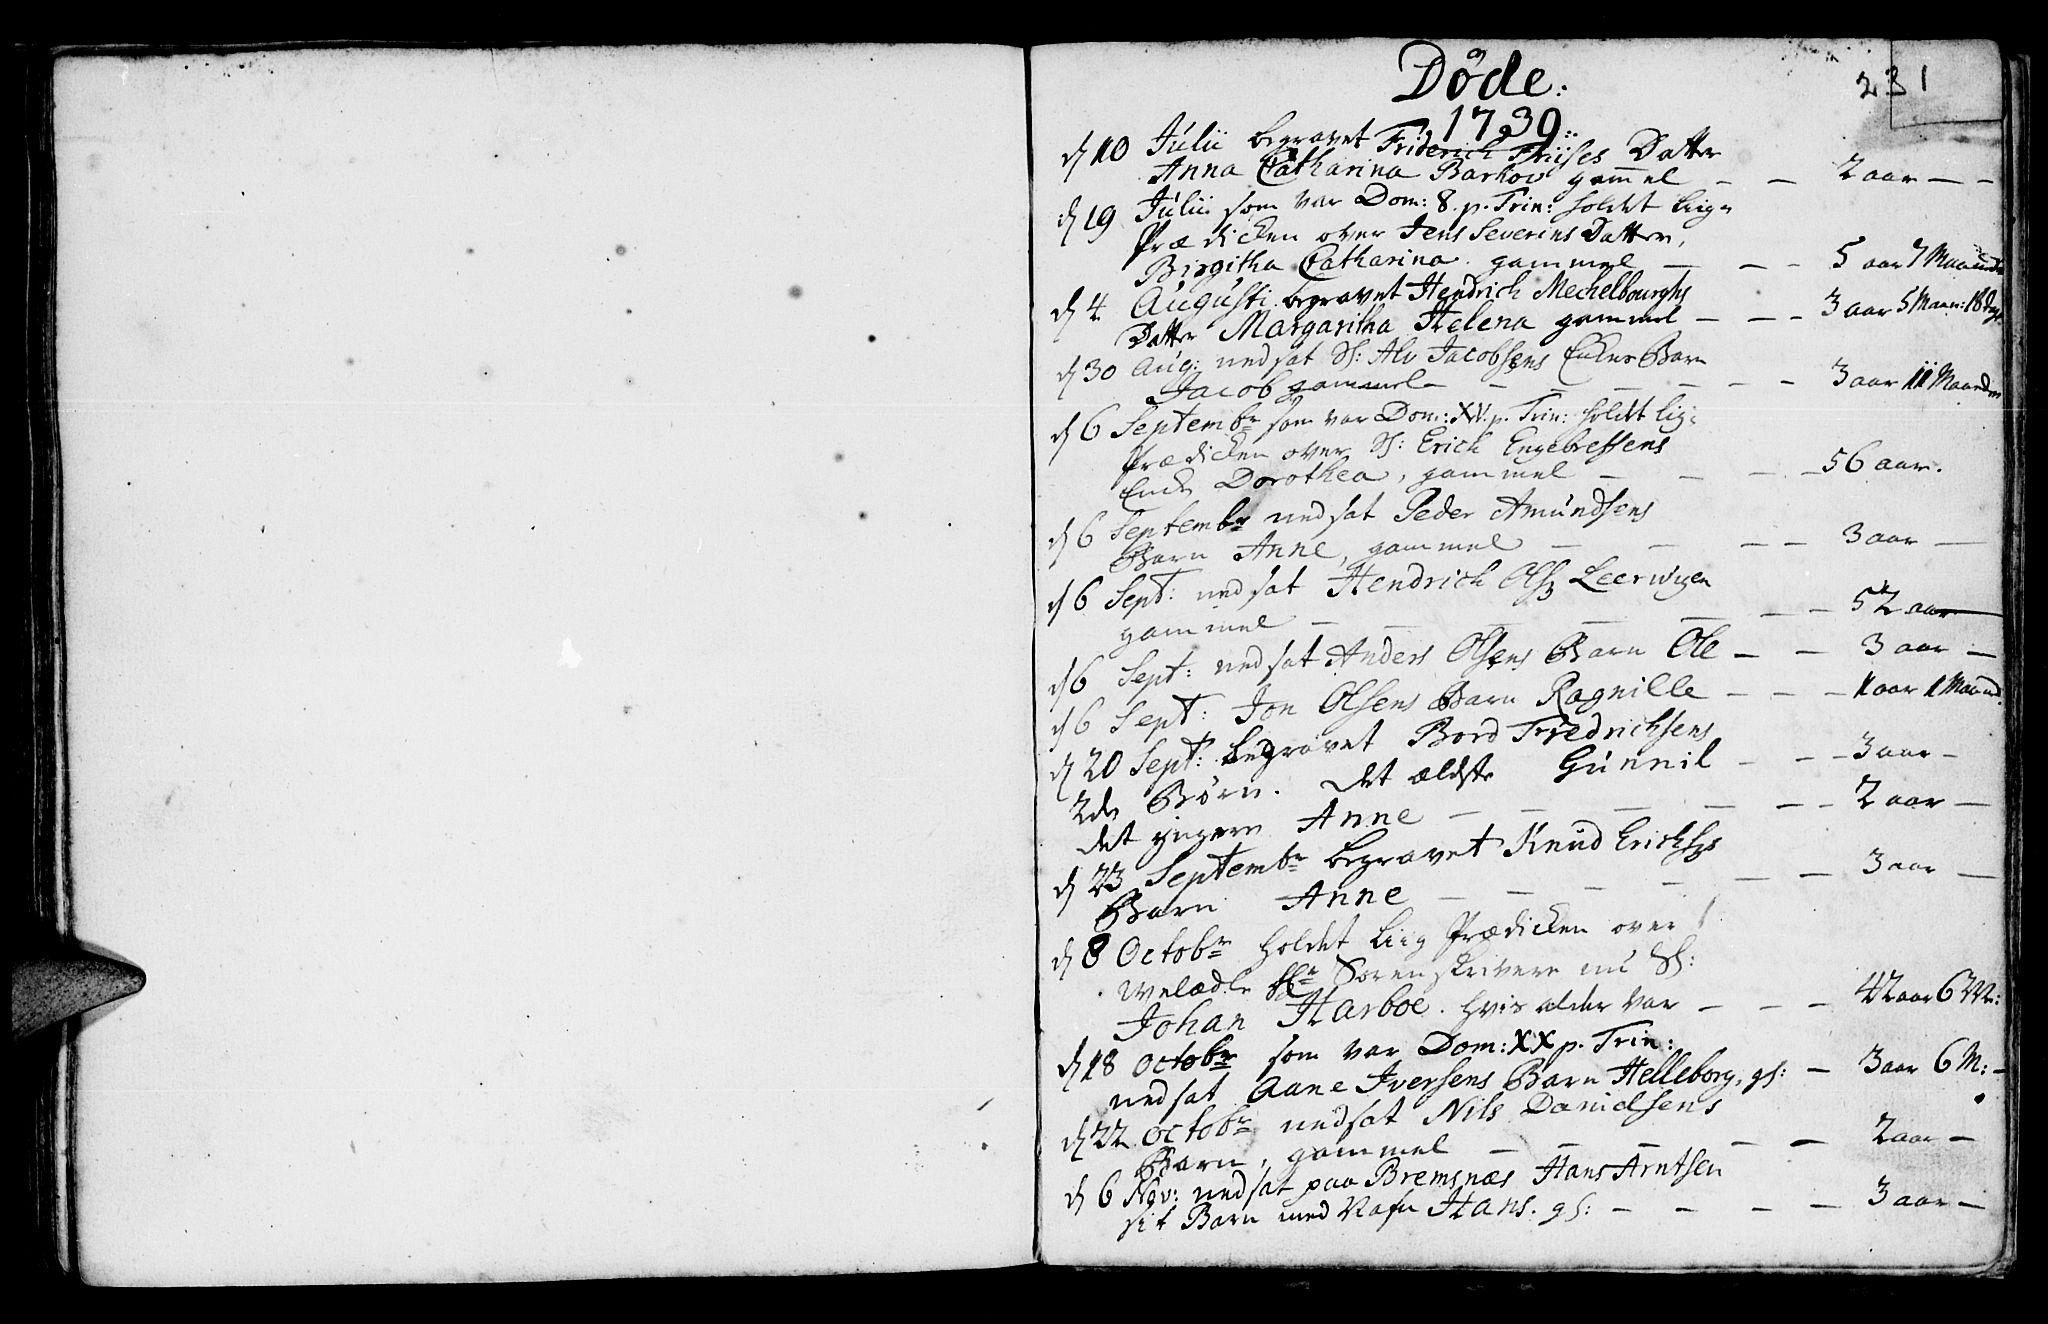 SAT, Ministerialprotokoller, klokkerbøker og fødselsregistre - Møre og Romsdal, 572/L0839: Parish register (official) no. 572A02, 1739-1754, p. 230-231